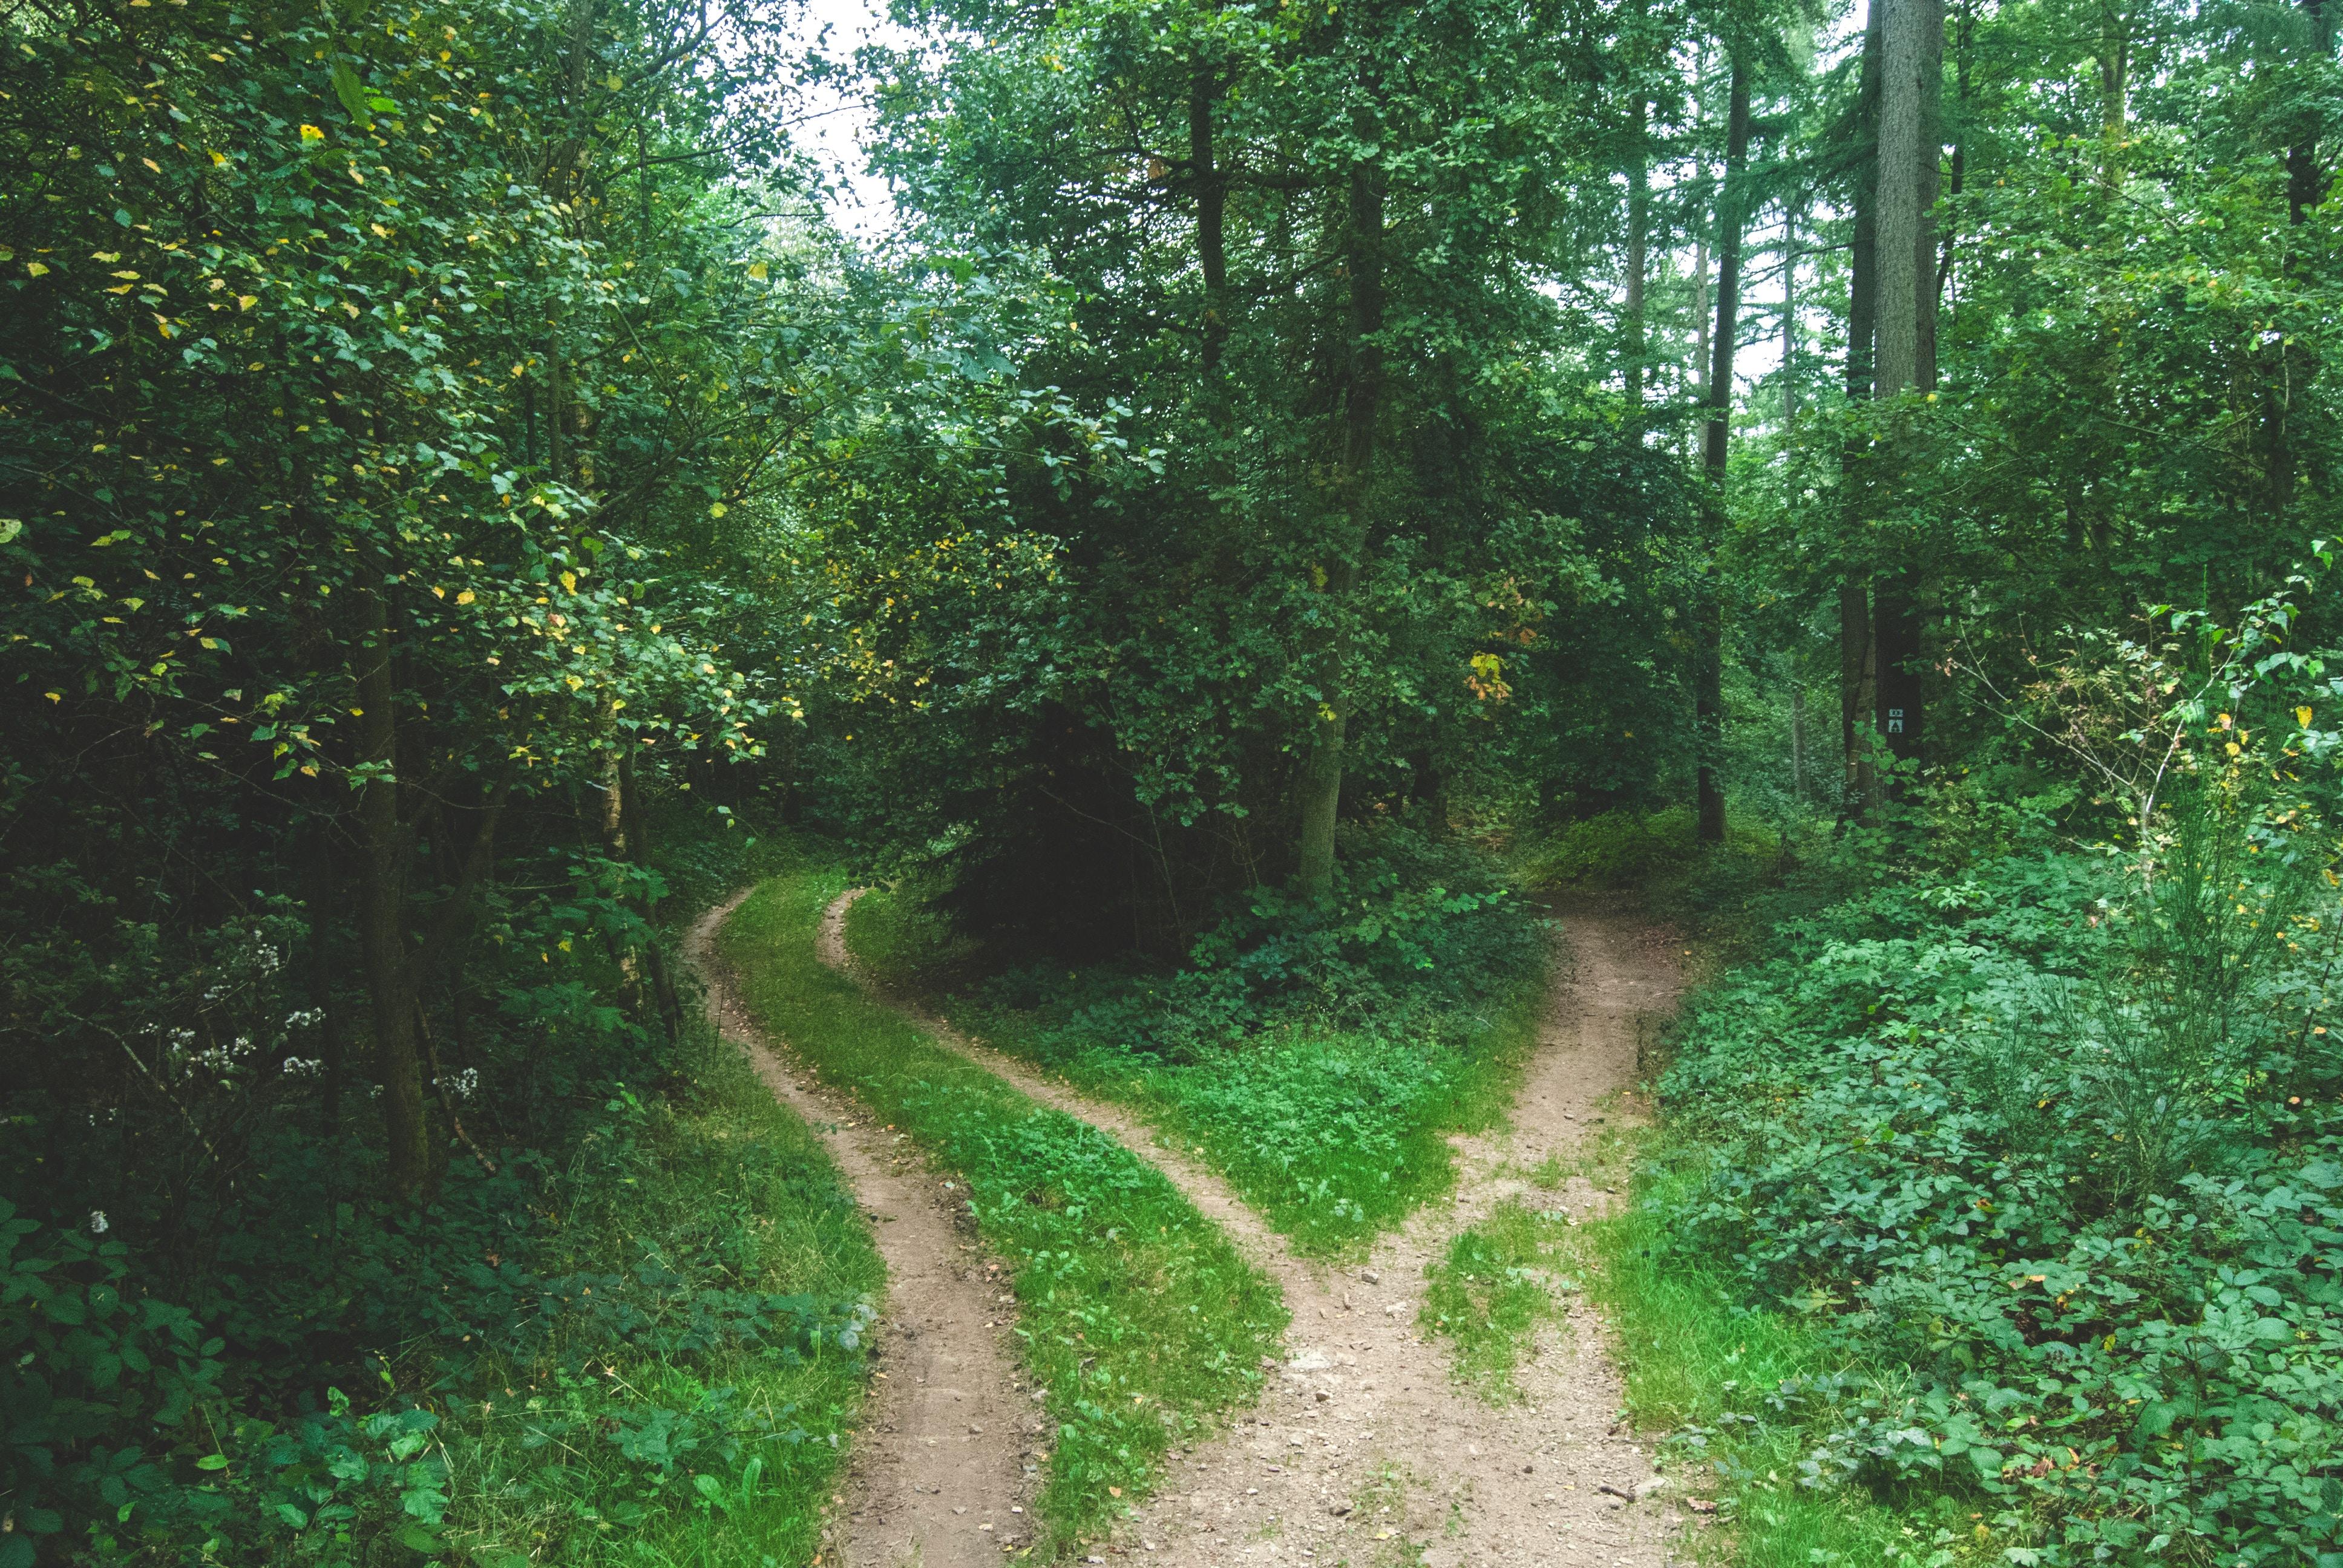 deux chemins qui se séparent dans le bois